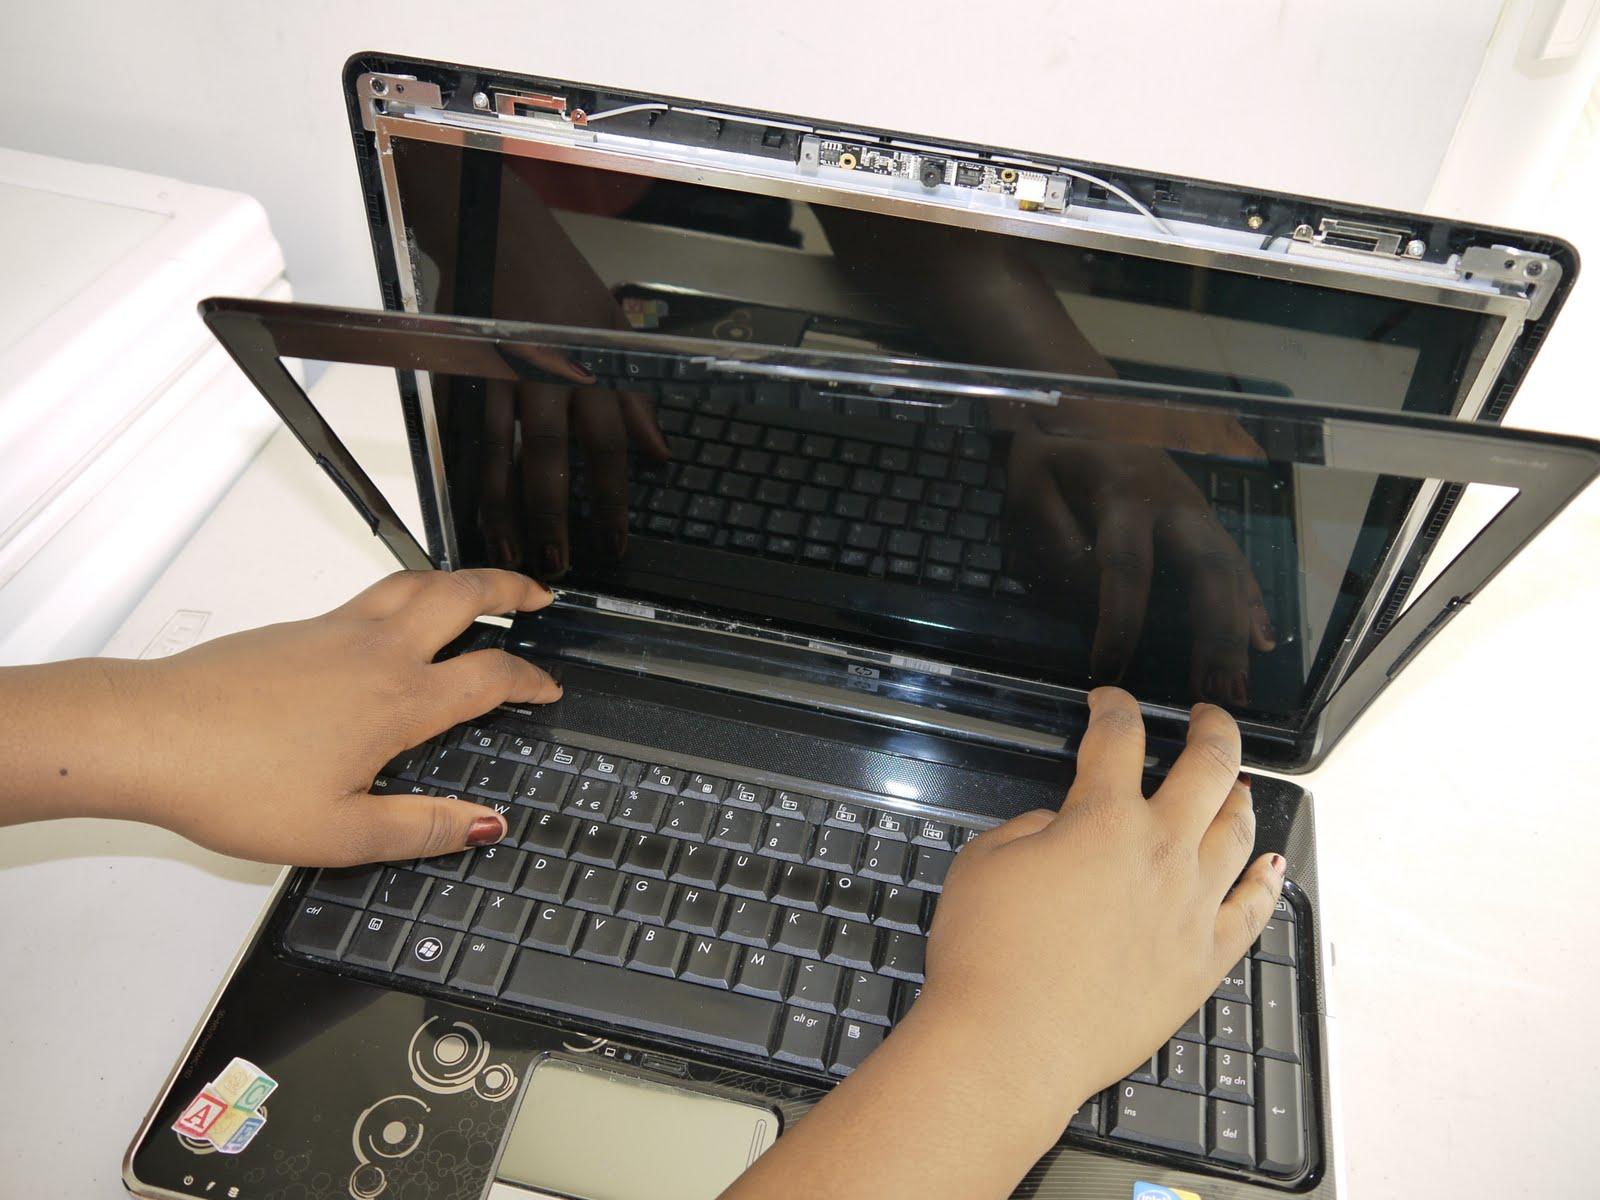 можно ли обрабатывать фото на ноутбуке новосибирске